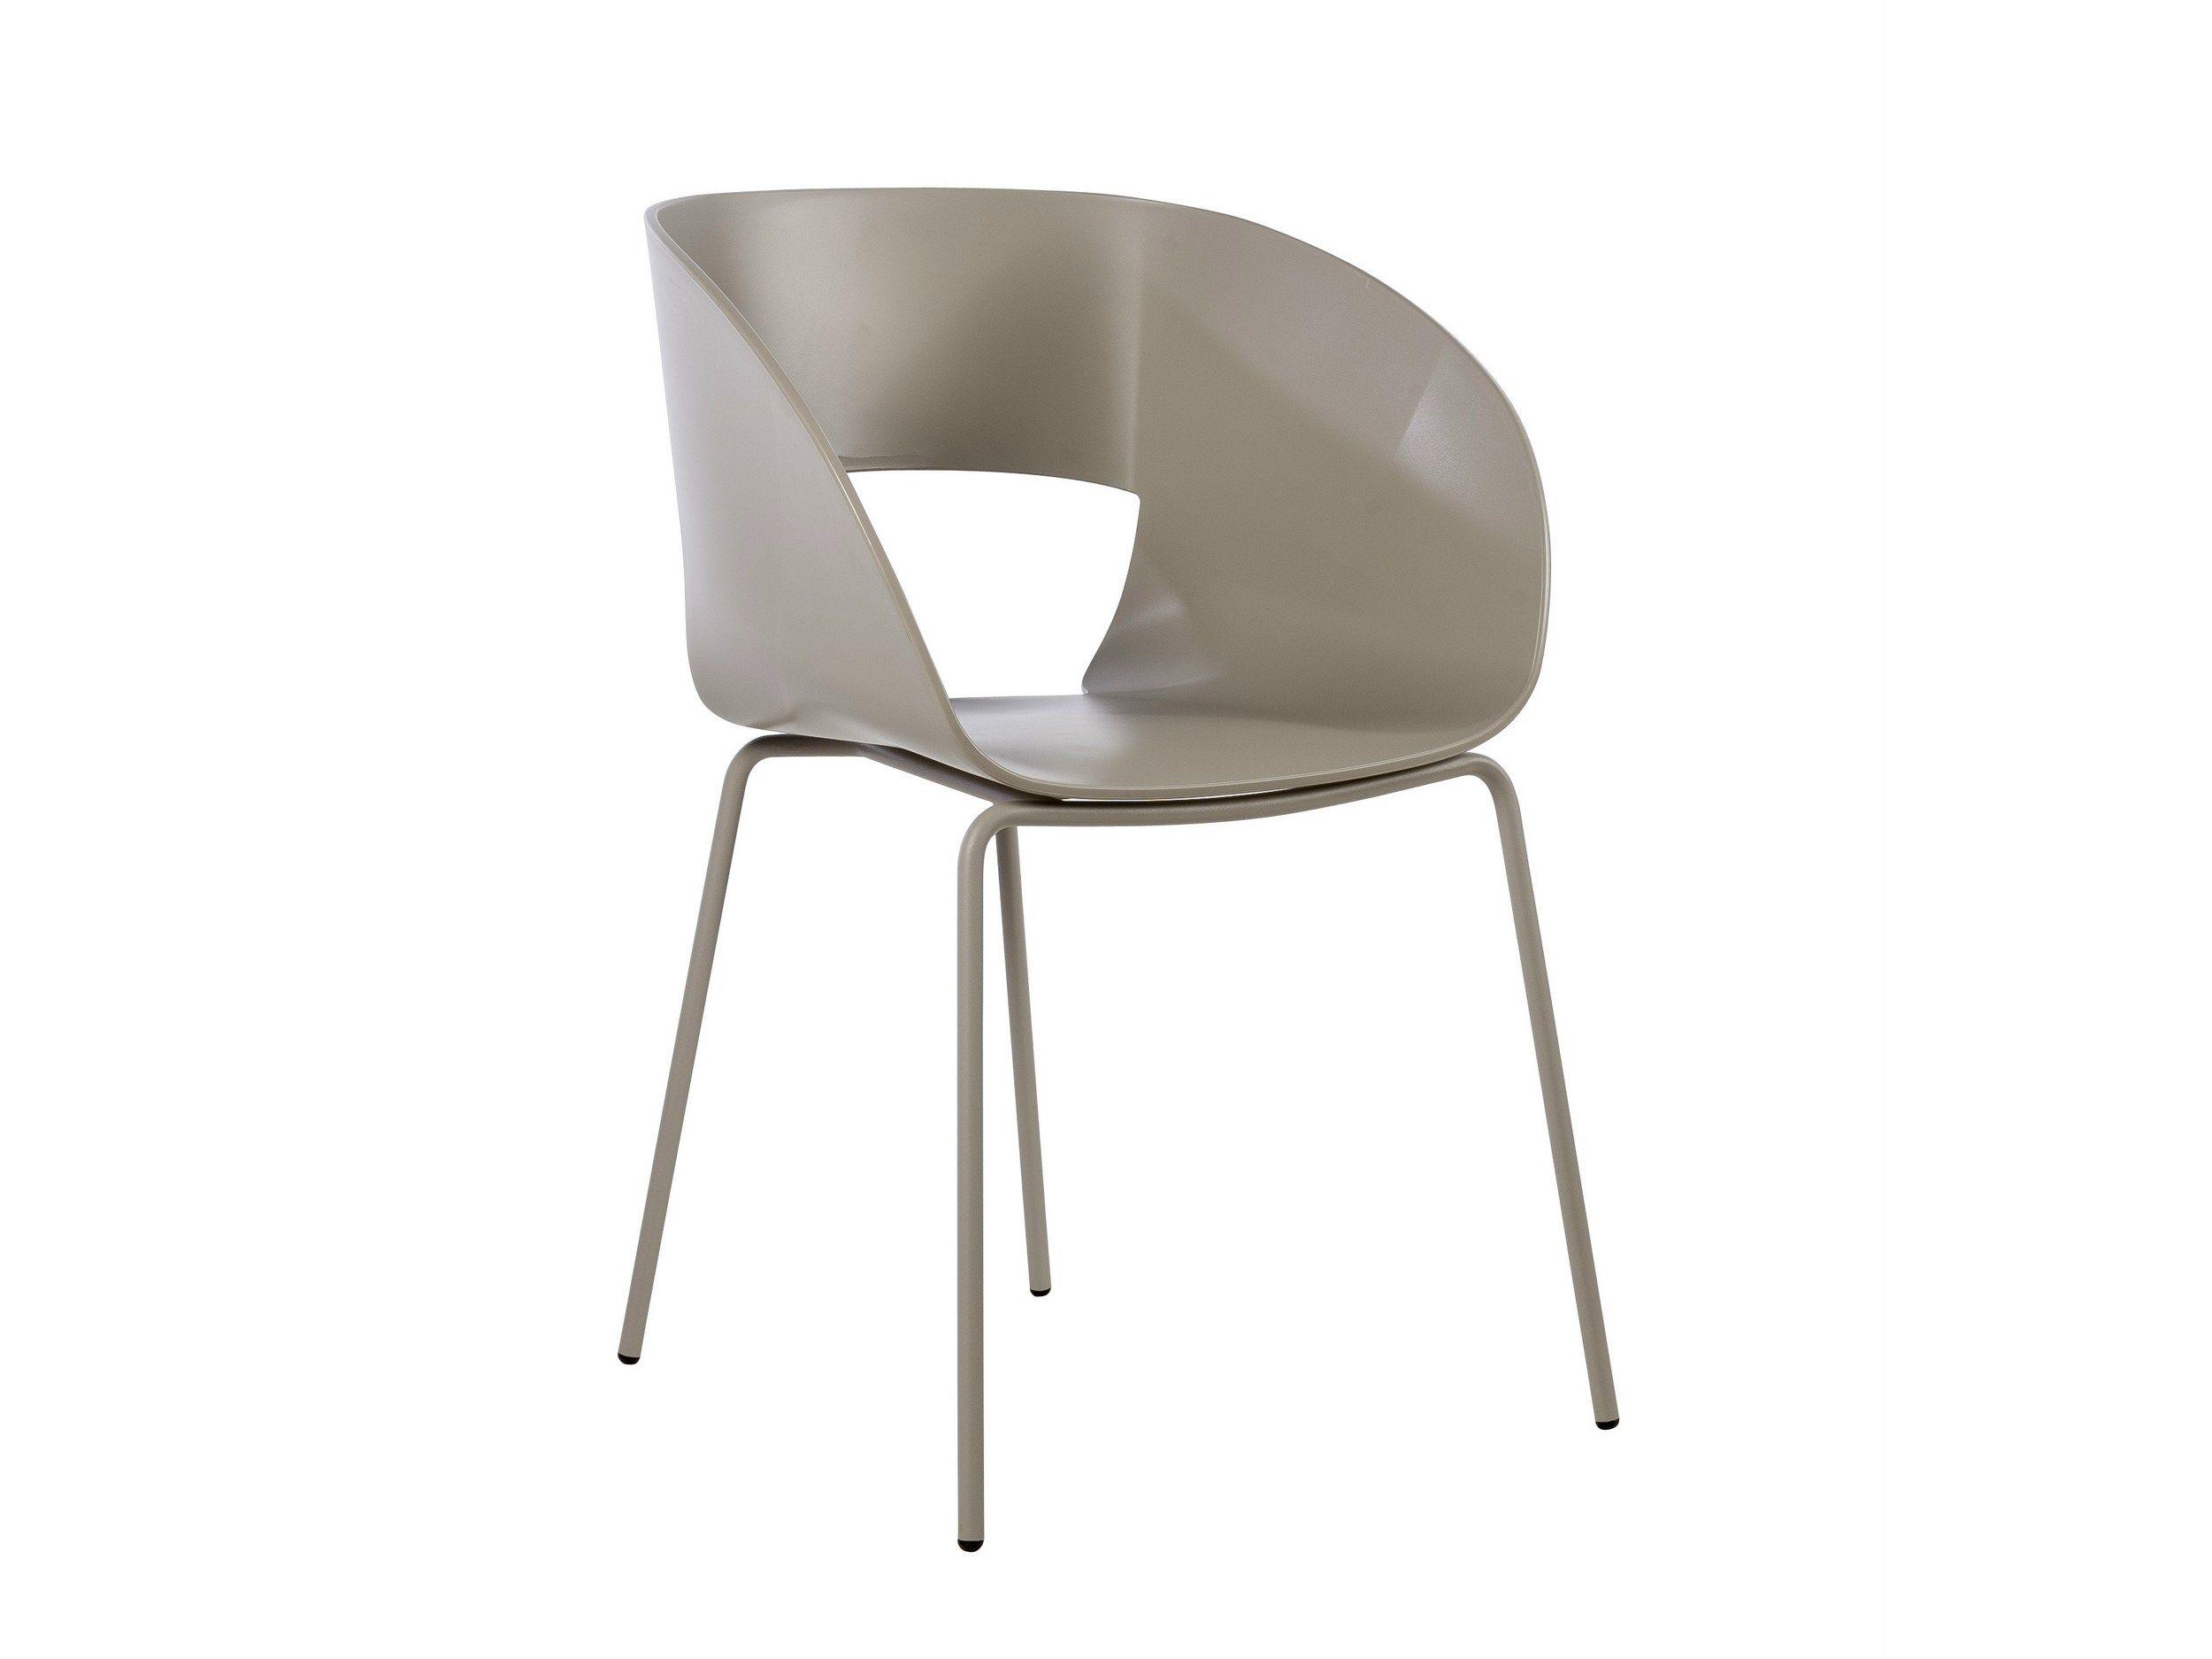 Vintage stuhl aus kunststoff by trib design bram bollen for Design stuhl vintage